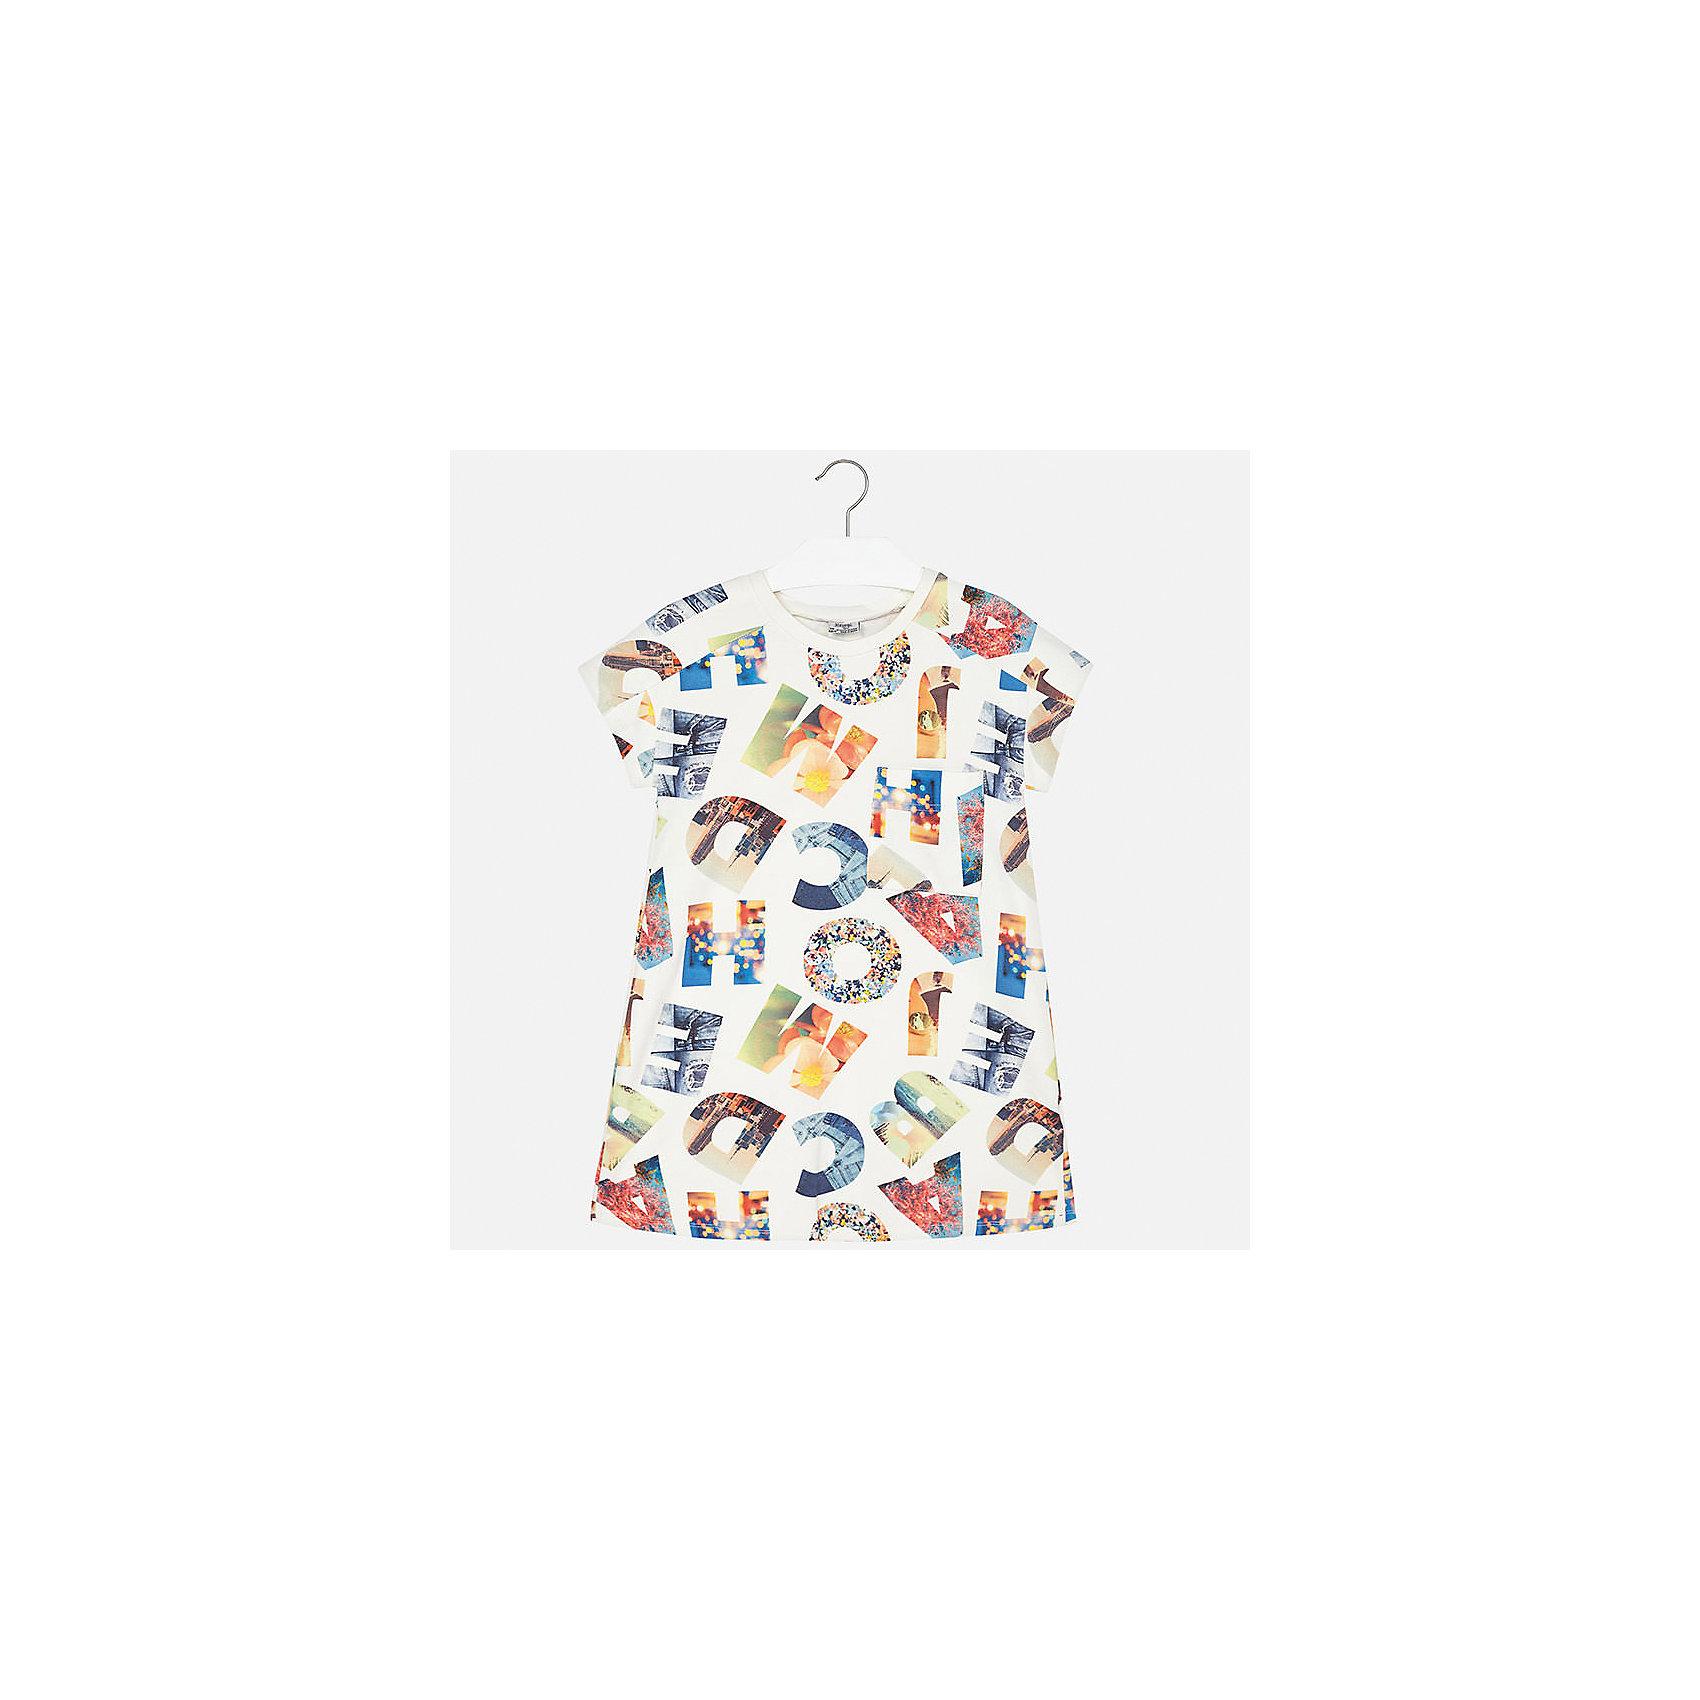 Платье для девочки MayoralХарактеристики товара:<br><br>• цвет: белый принт<br>• состав: 30% полиэстер, 65% вискоза, 5% эластан<br>• без застежки<br>• свободная посадка<br>• принт<br>• короткие рукава<br>• страна бренда: Испания<br><br>Стильное платье для девочки поможет разнообразить гардероб ребенка и создать эффектный наряд. Оно подойдет для различных случаев. Универсальный цвет позволяет подобрать к вещи обувь разных расцветок. Платье хорошо сидит по фигуре.<br><br>Одежда, обувь и аксессуары от испанского бренда Mayoral полюбились детям и взрослым по всему миру. Модели этой марки - стильные и удобные. Для их производства используются только безопасные, качественные материалы и фурнитура. Порадуйте ребенка модными и красивыми вещами от Mayoral! <br><br>Платье для девочки от испанского бренда Mayoral (Майорал) можно купить в нашем интернет-магазине.<br><br>Ширина мм: 236<br>Глубина мм: 16<br>Высота мм: 184<br>Вес г: 177<br>Цвет: розовый<br>Возраст от месяцев: 168<br>Возраст до месяцев: 180<br>Пол: Женский<br>Возраст: Детский<br>Размер: 170,128/134,140,152,158,164<br>SKU: 5293327